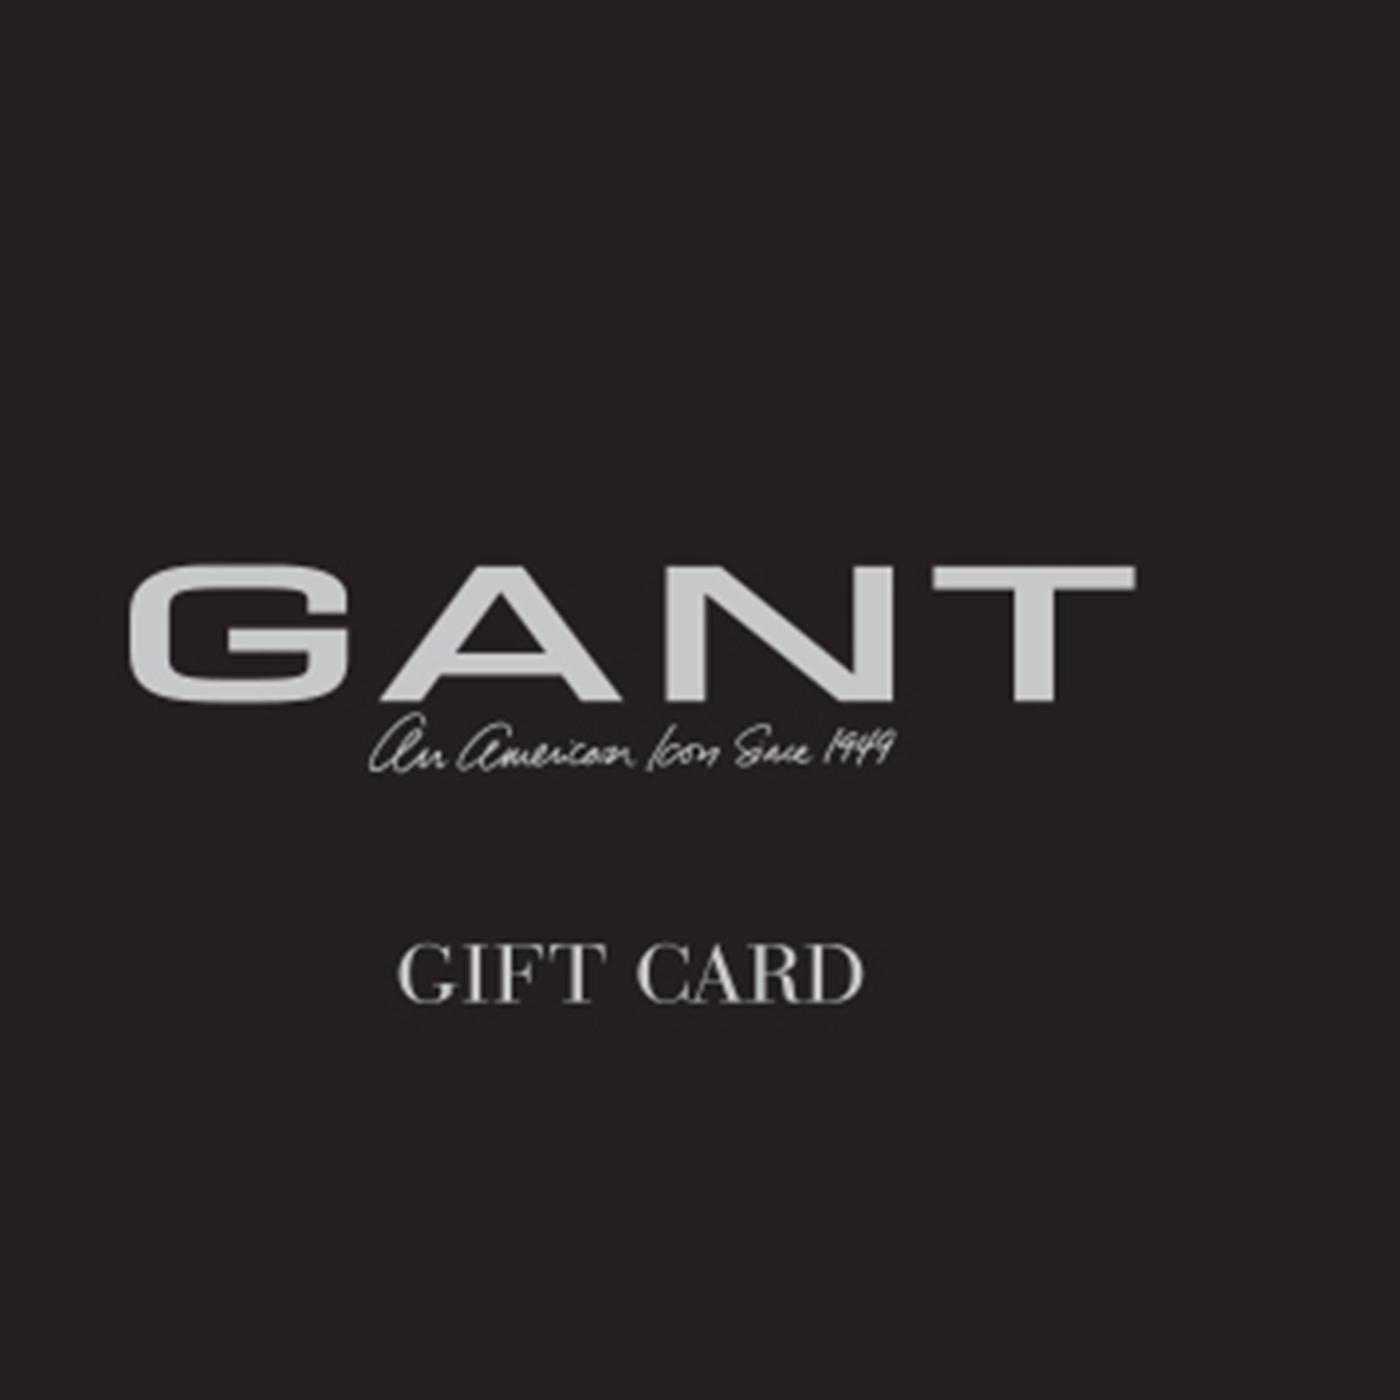 Gant E-Gift Card